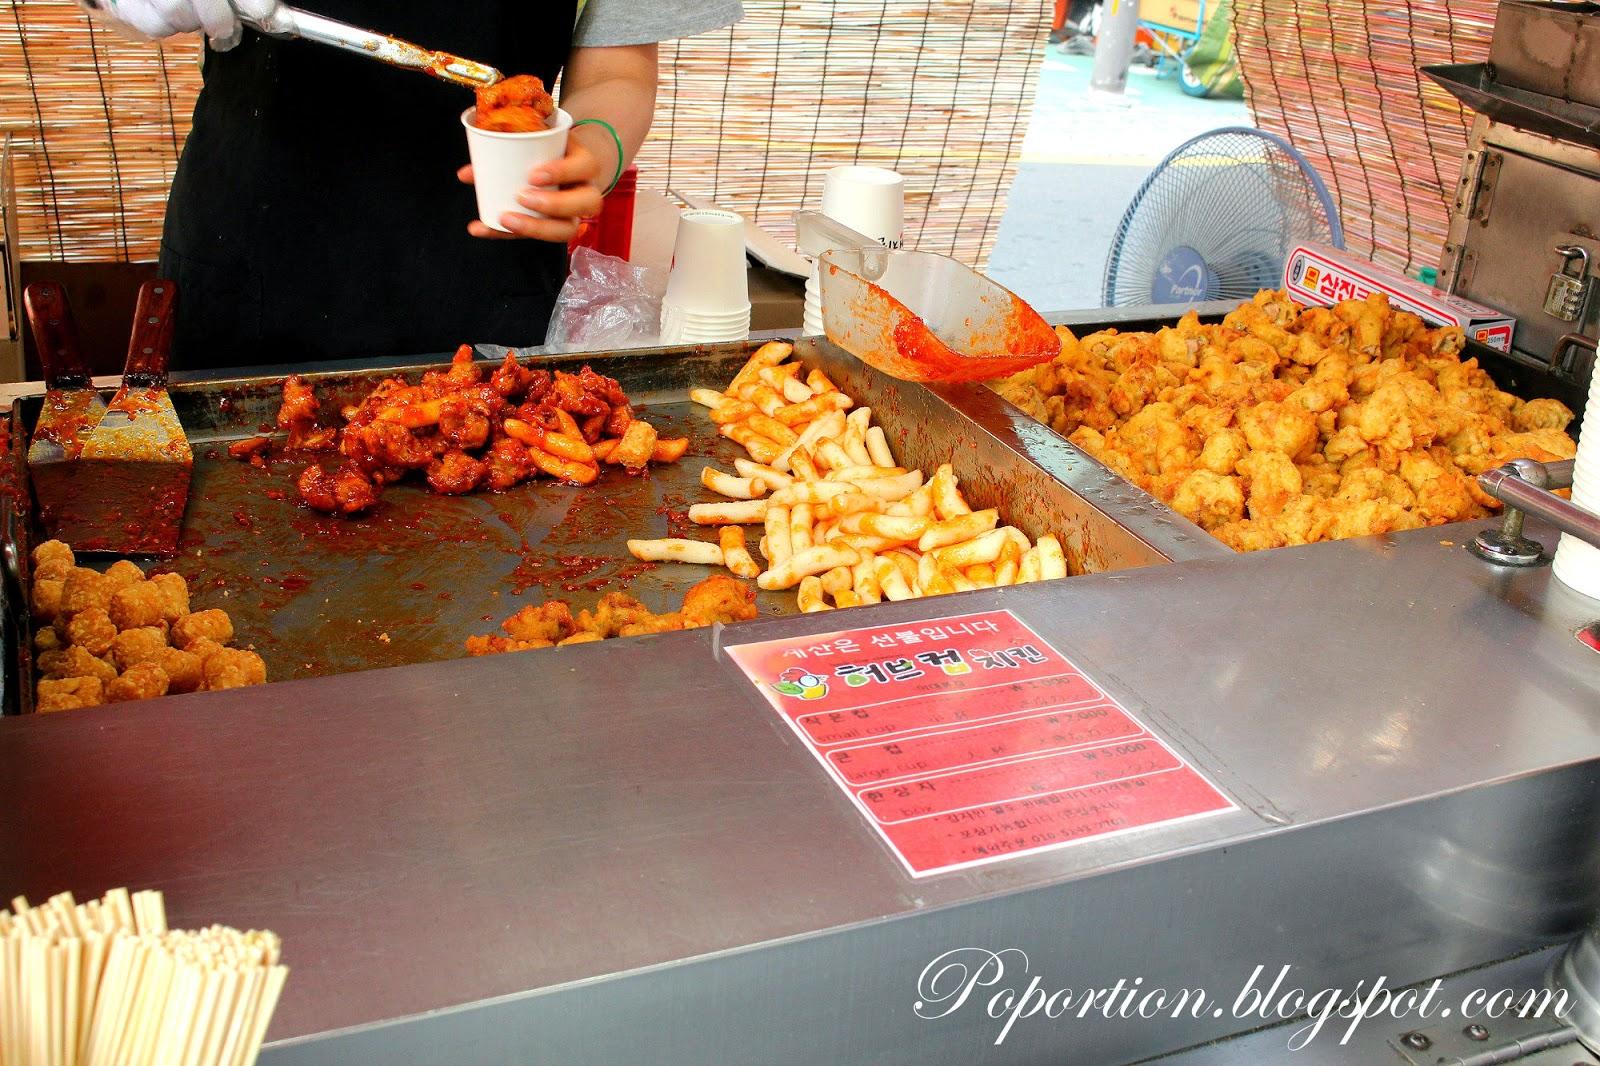 ewha womans university street food fried chicken hashbrown toboki sweet sauce best street food